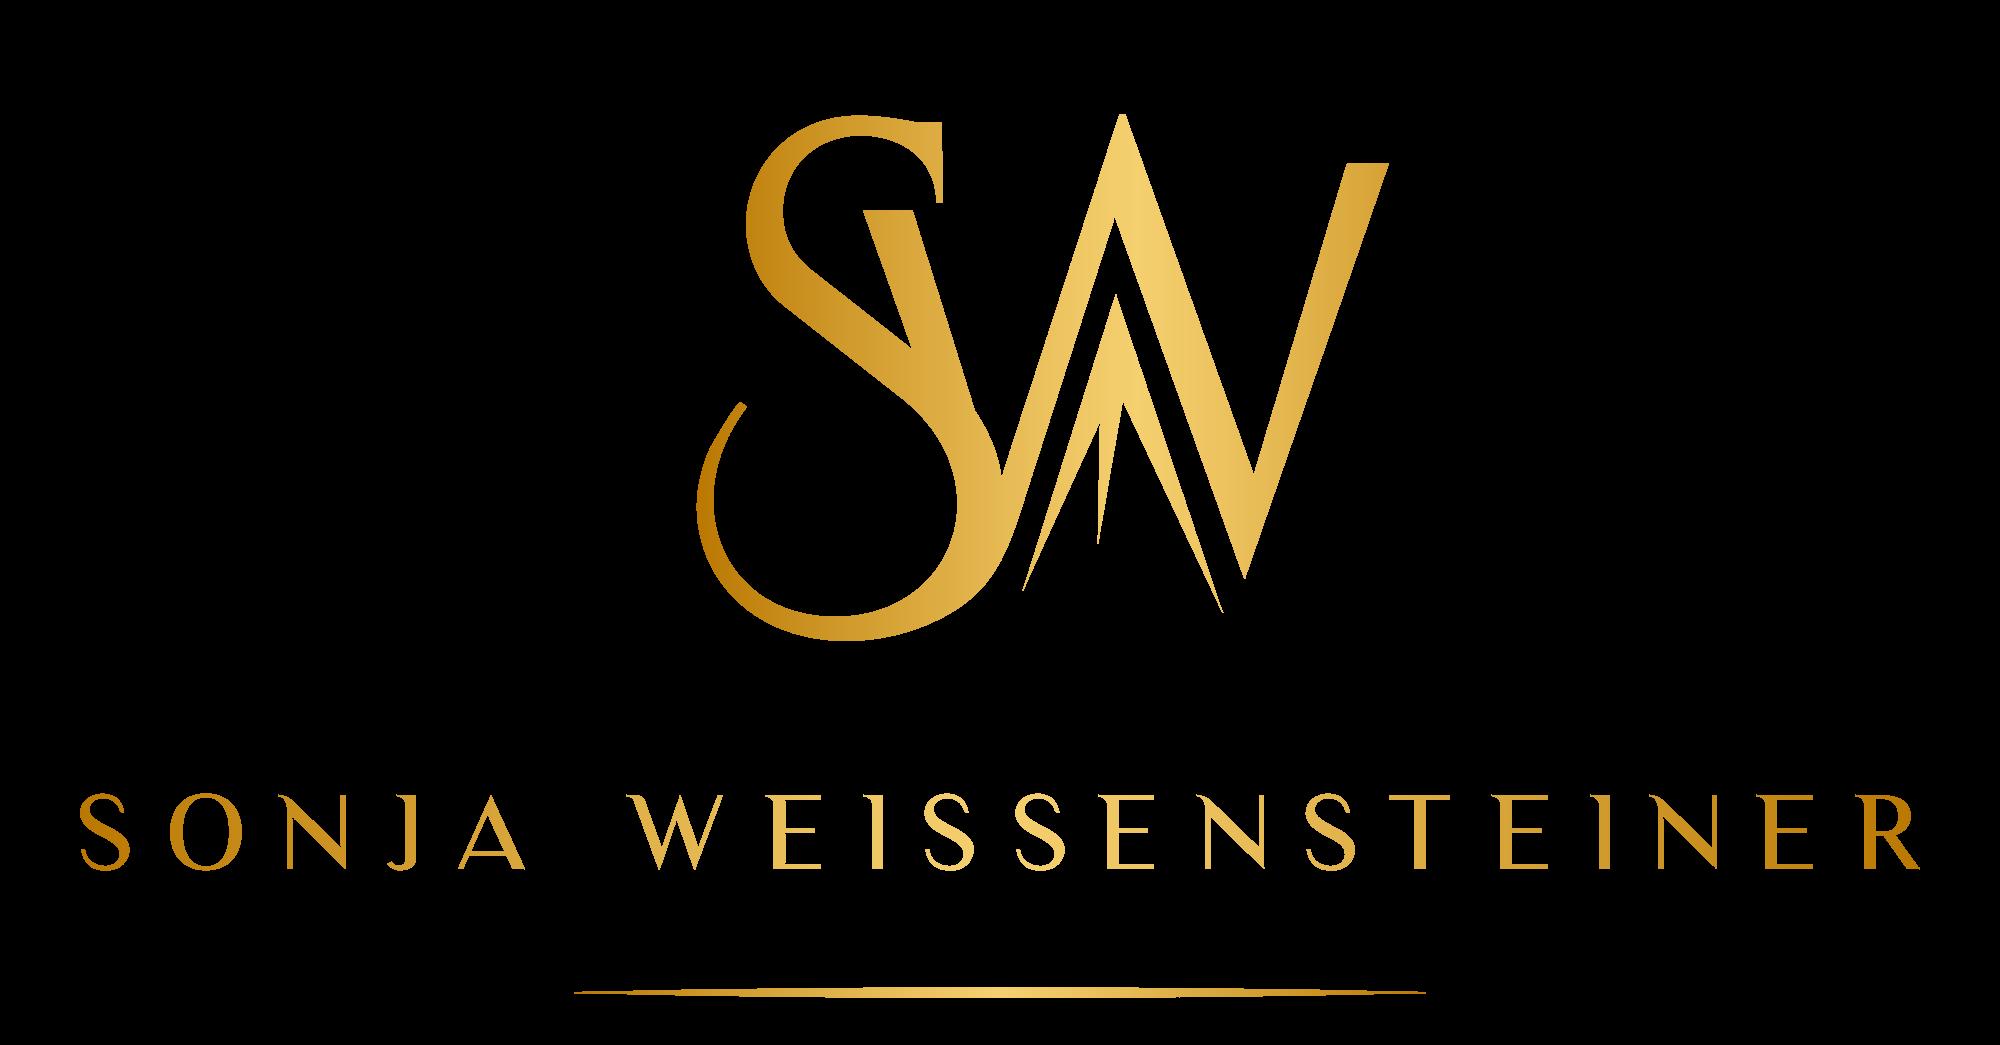 Sonja Weissensteiner